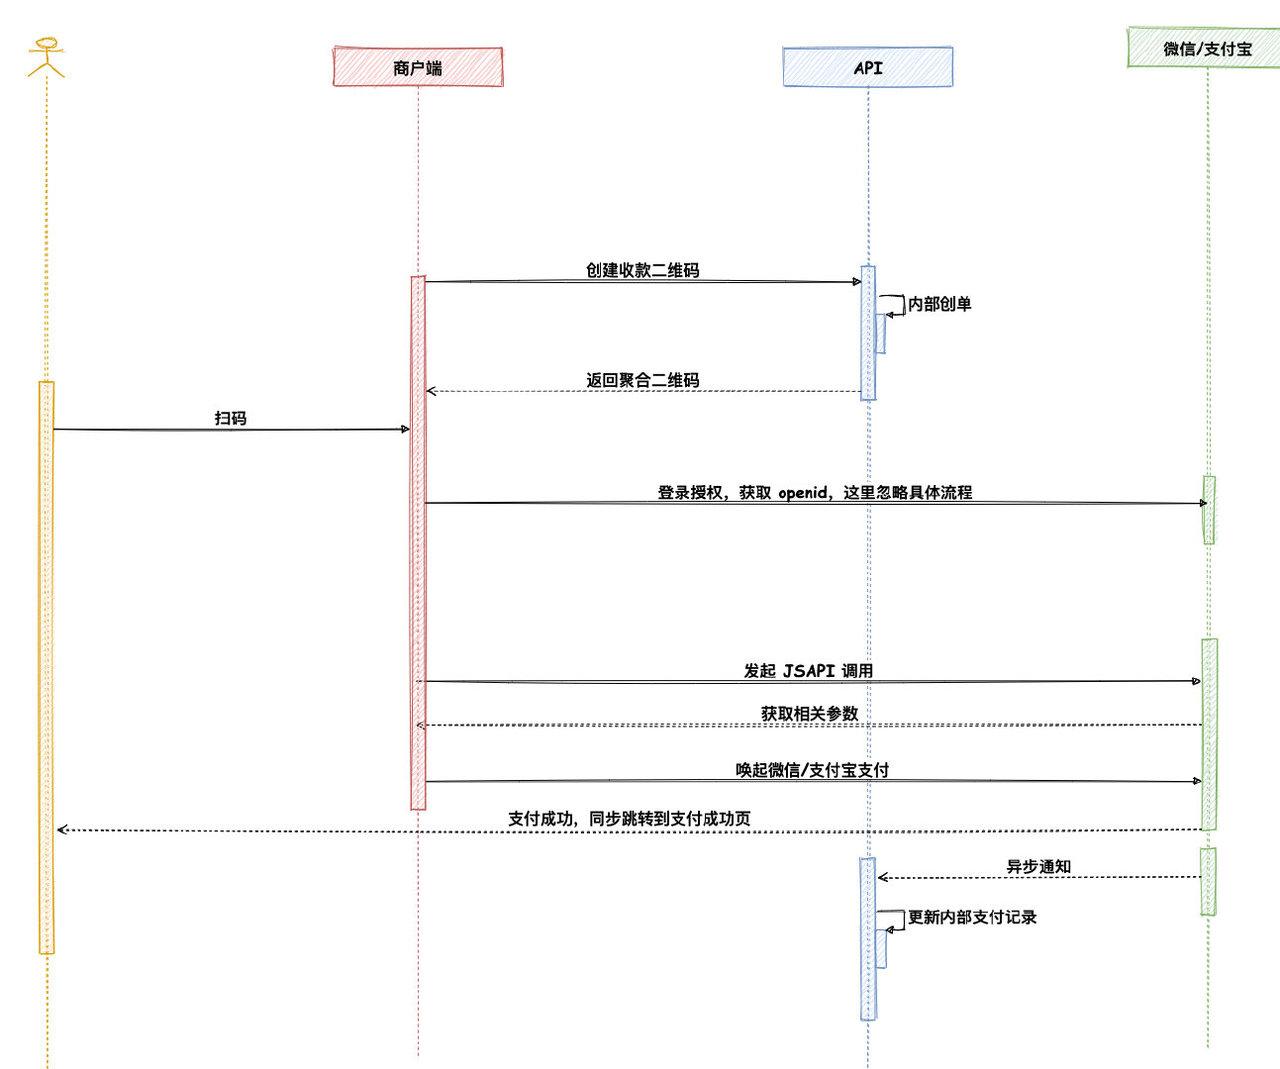 聚合收款码-动态码内部创单